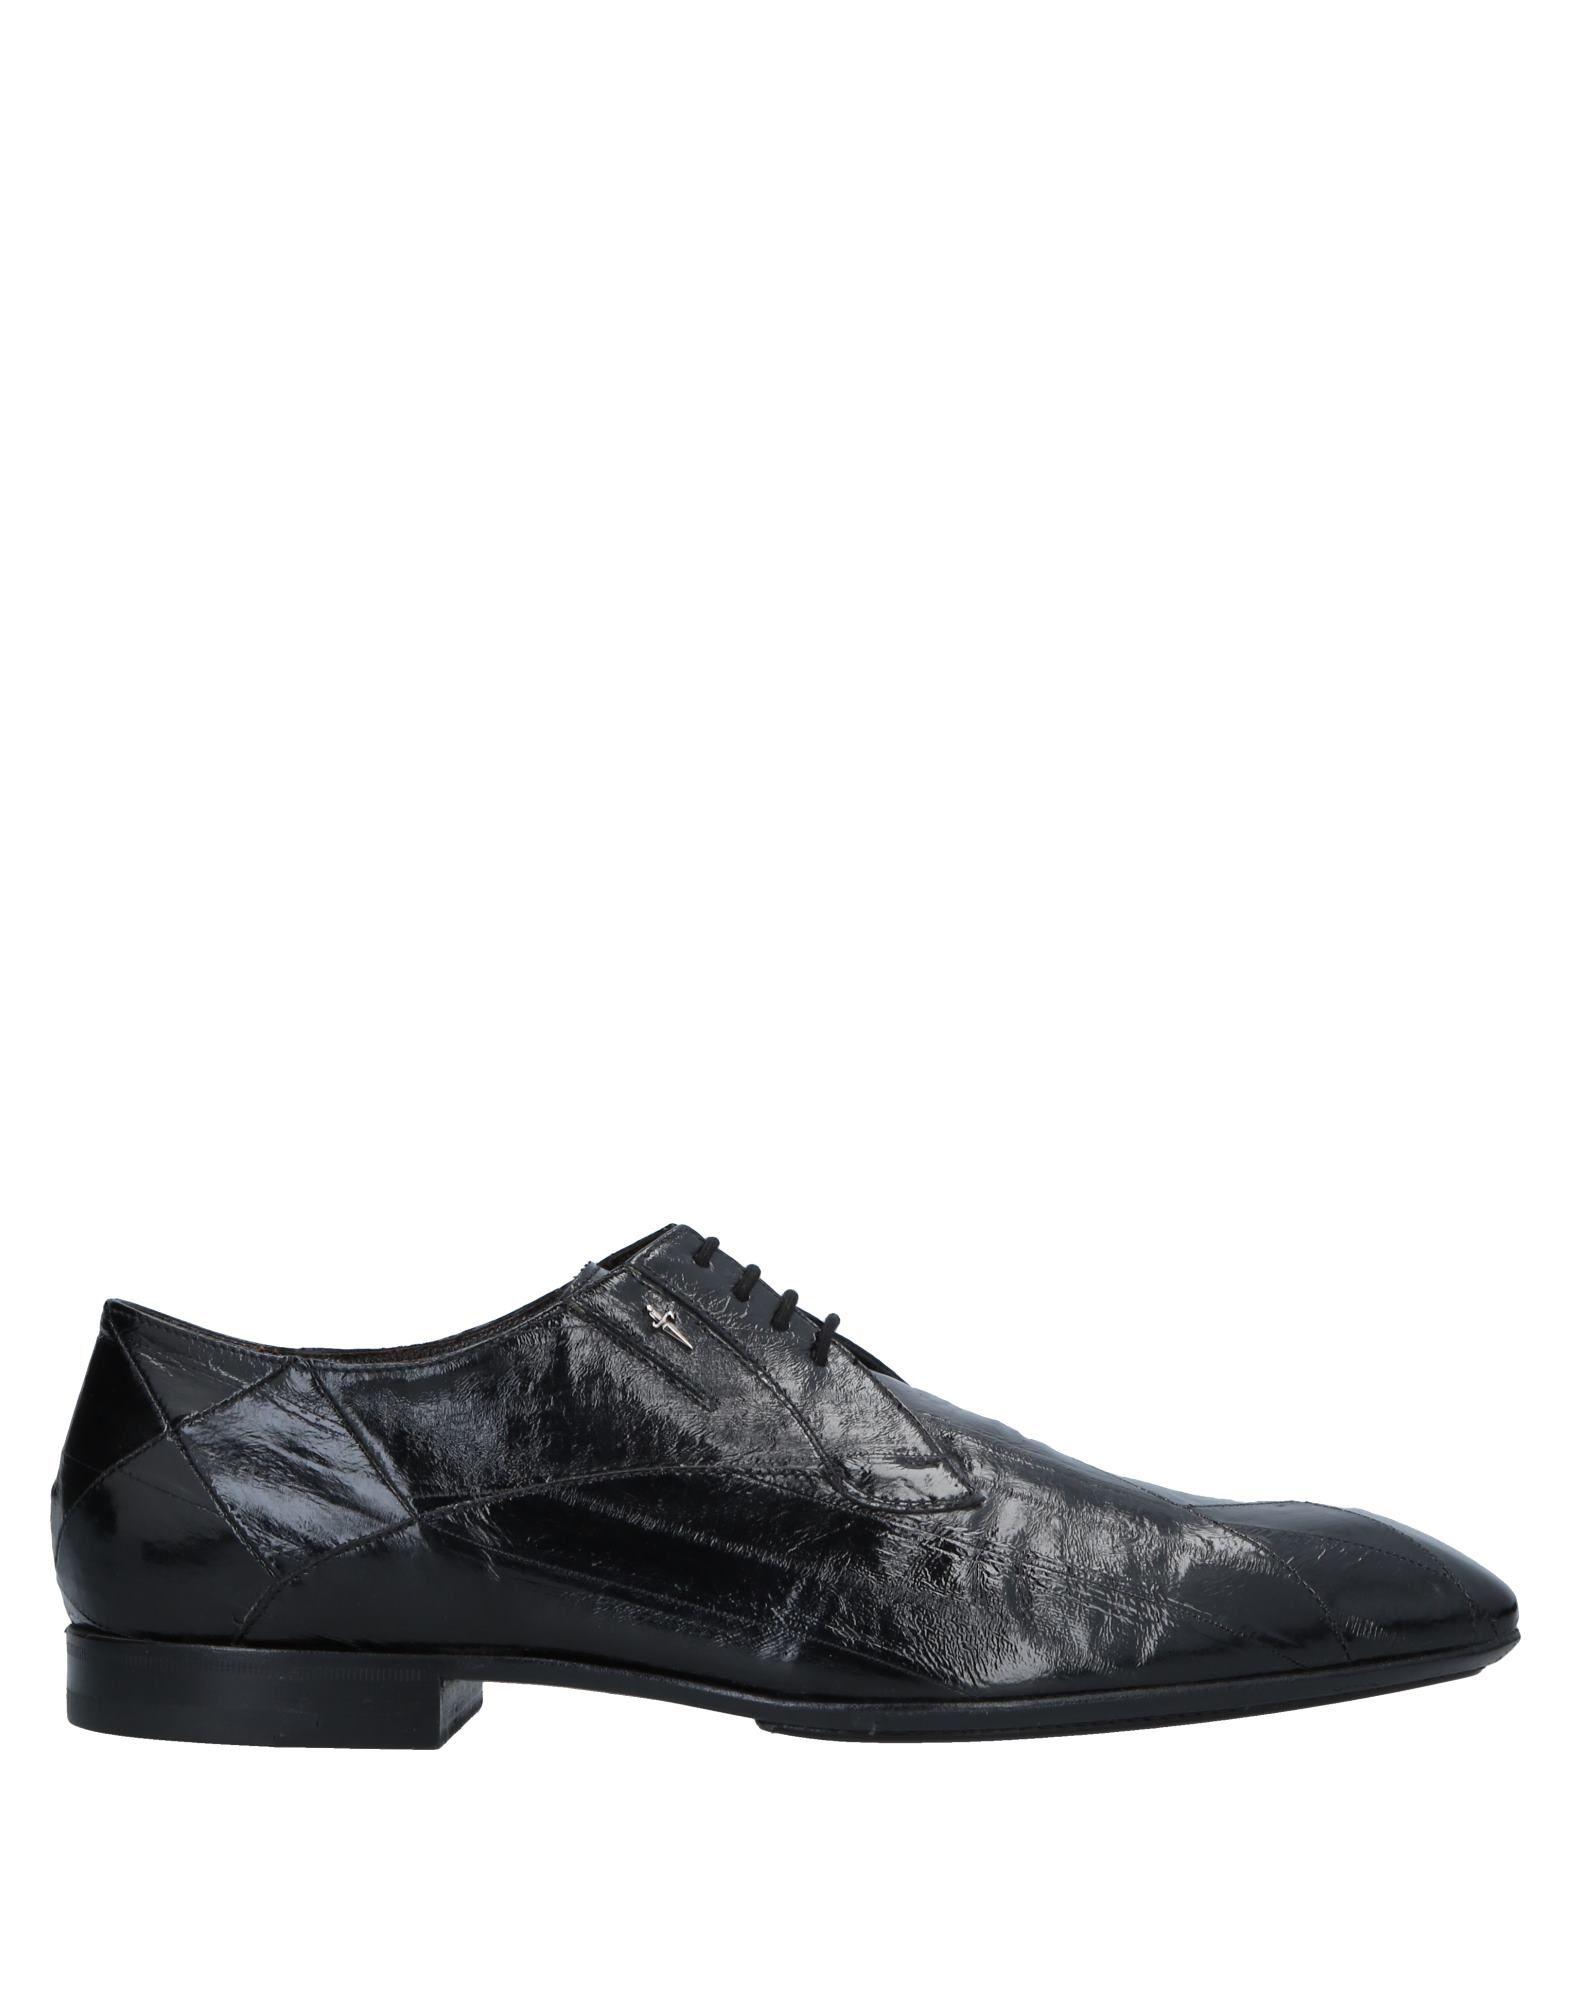 Cesare Paciotti Schnürschuhe Herren  11544736CW Gute Qualität beliebte Schuhe